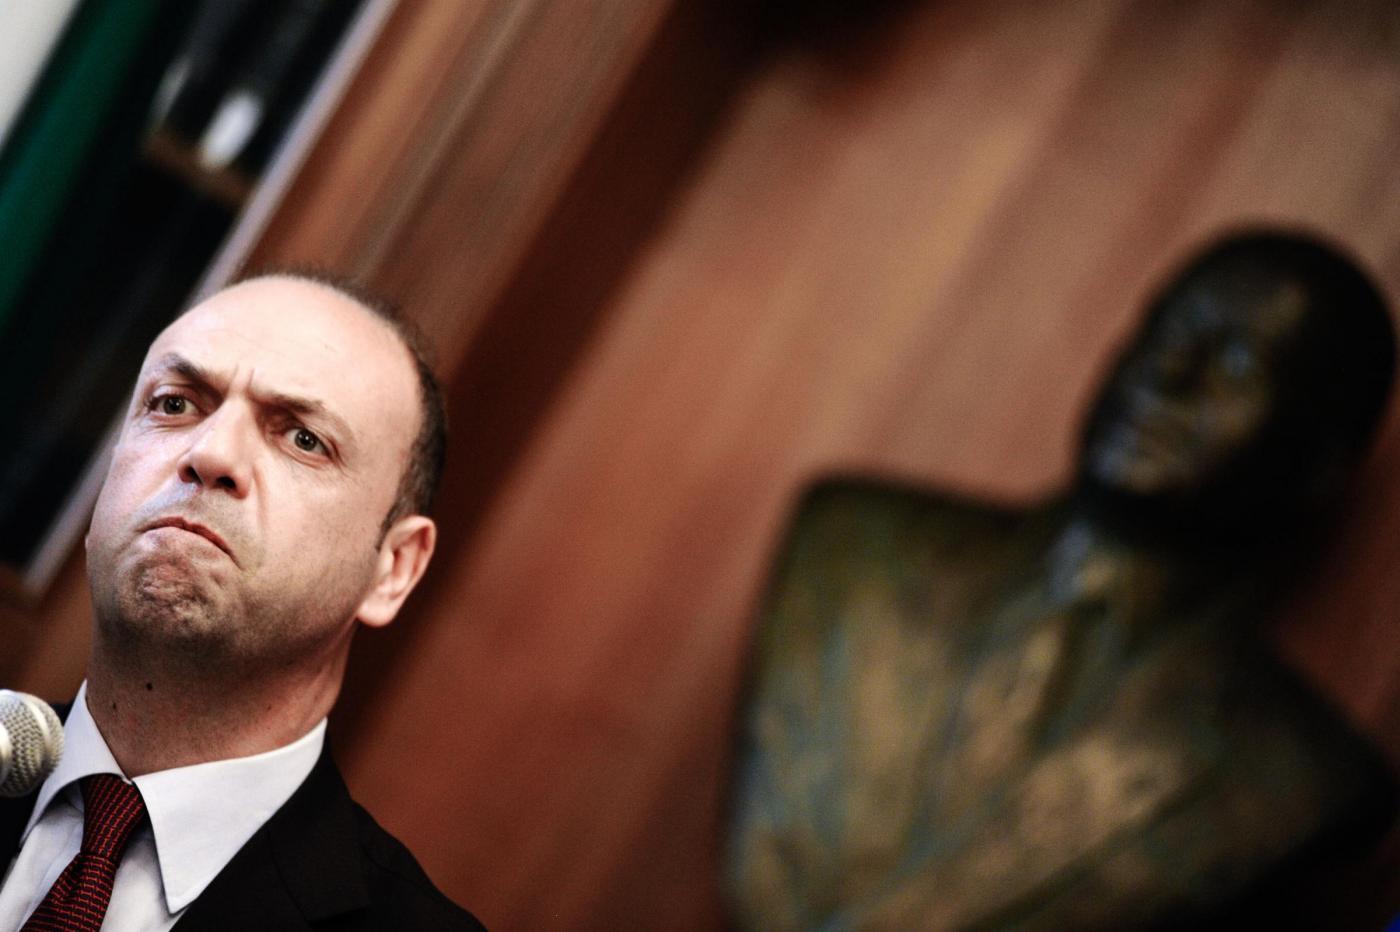 Inchiesta Labirinto, cos'è l'indagine che sta mettendo a rischio il ministro Alfano e il governo